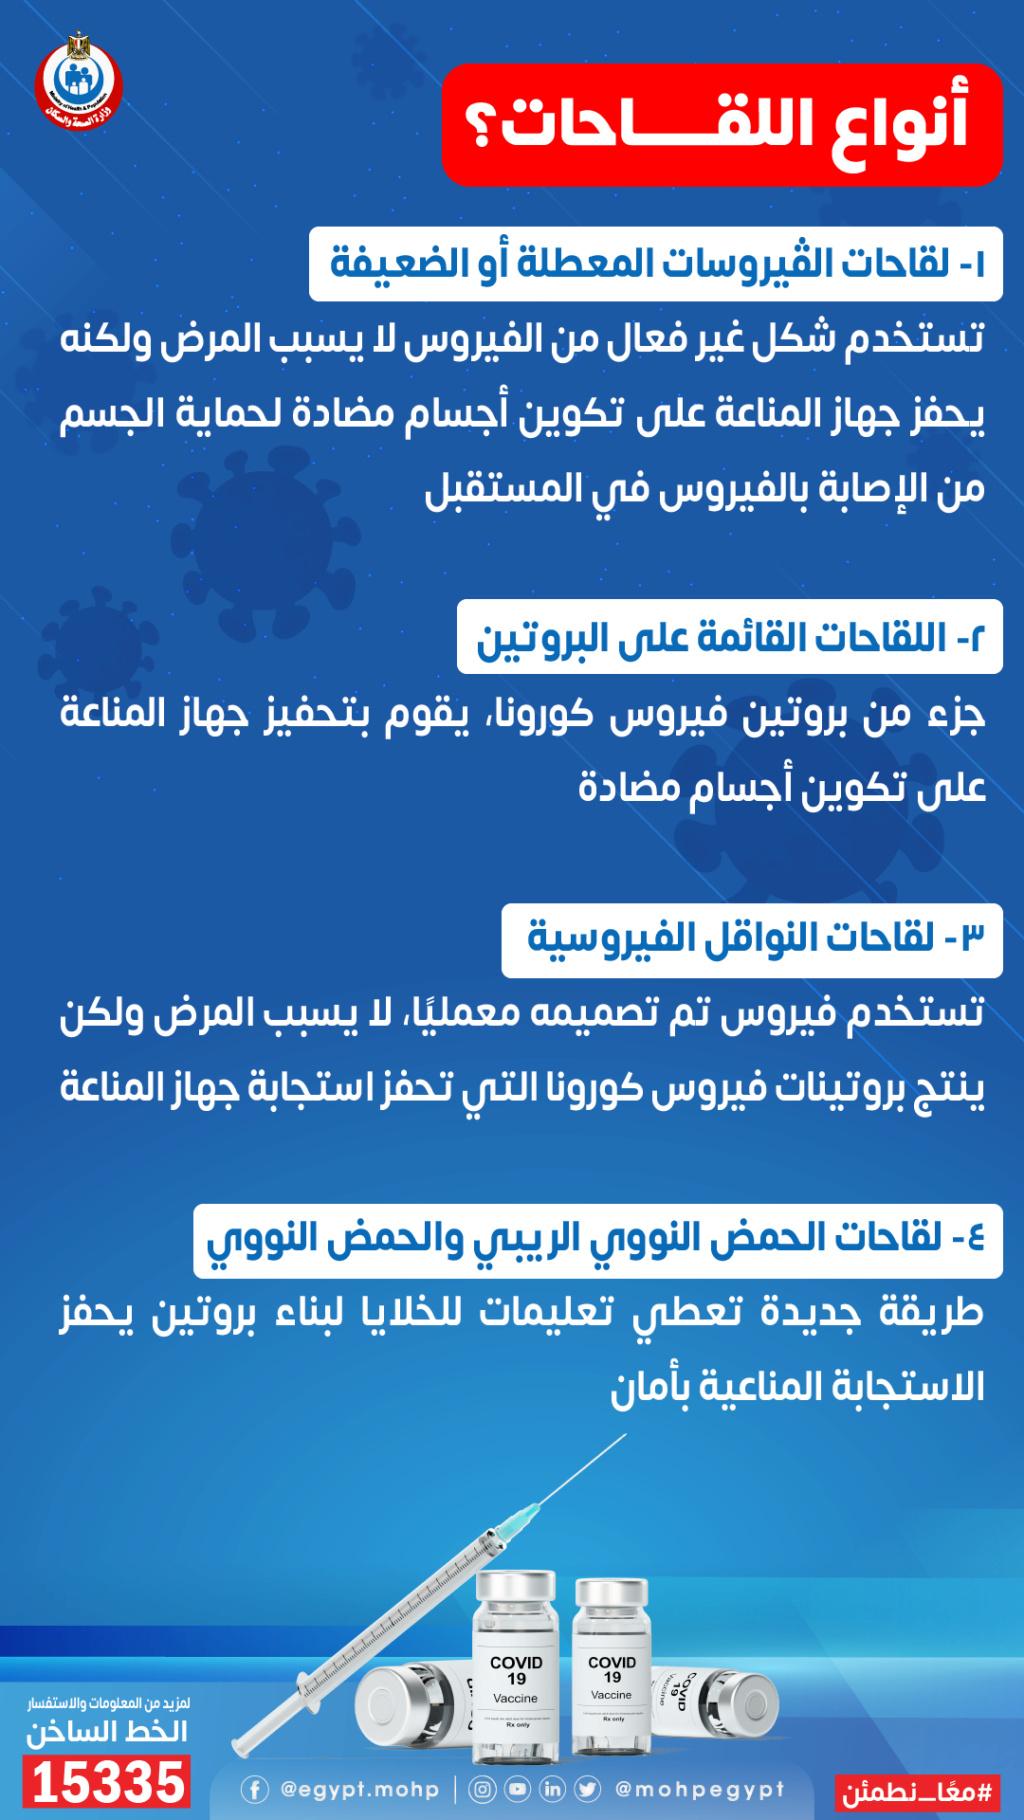 وزارة الصحة : أنواع اللقاحات التي تم إنتاجها لمحاربة فيروس كورونا (كوفيد-١٩)  029